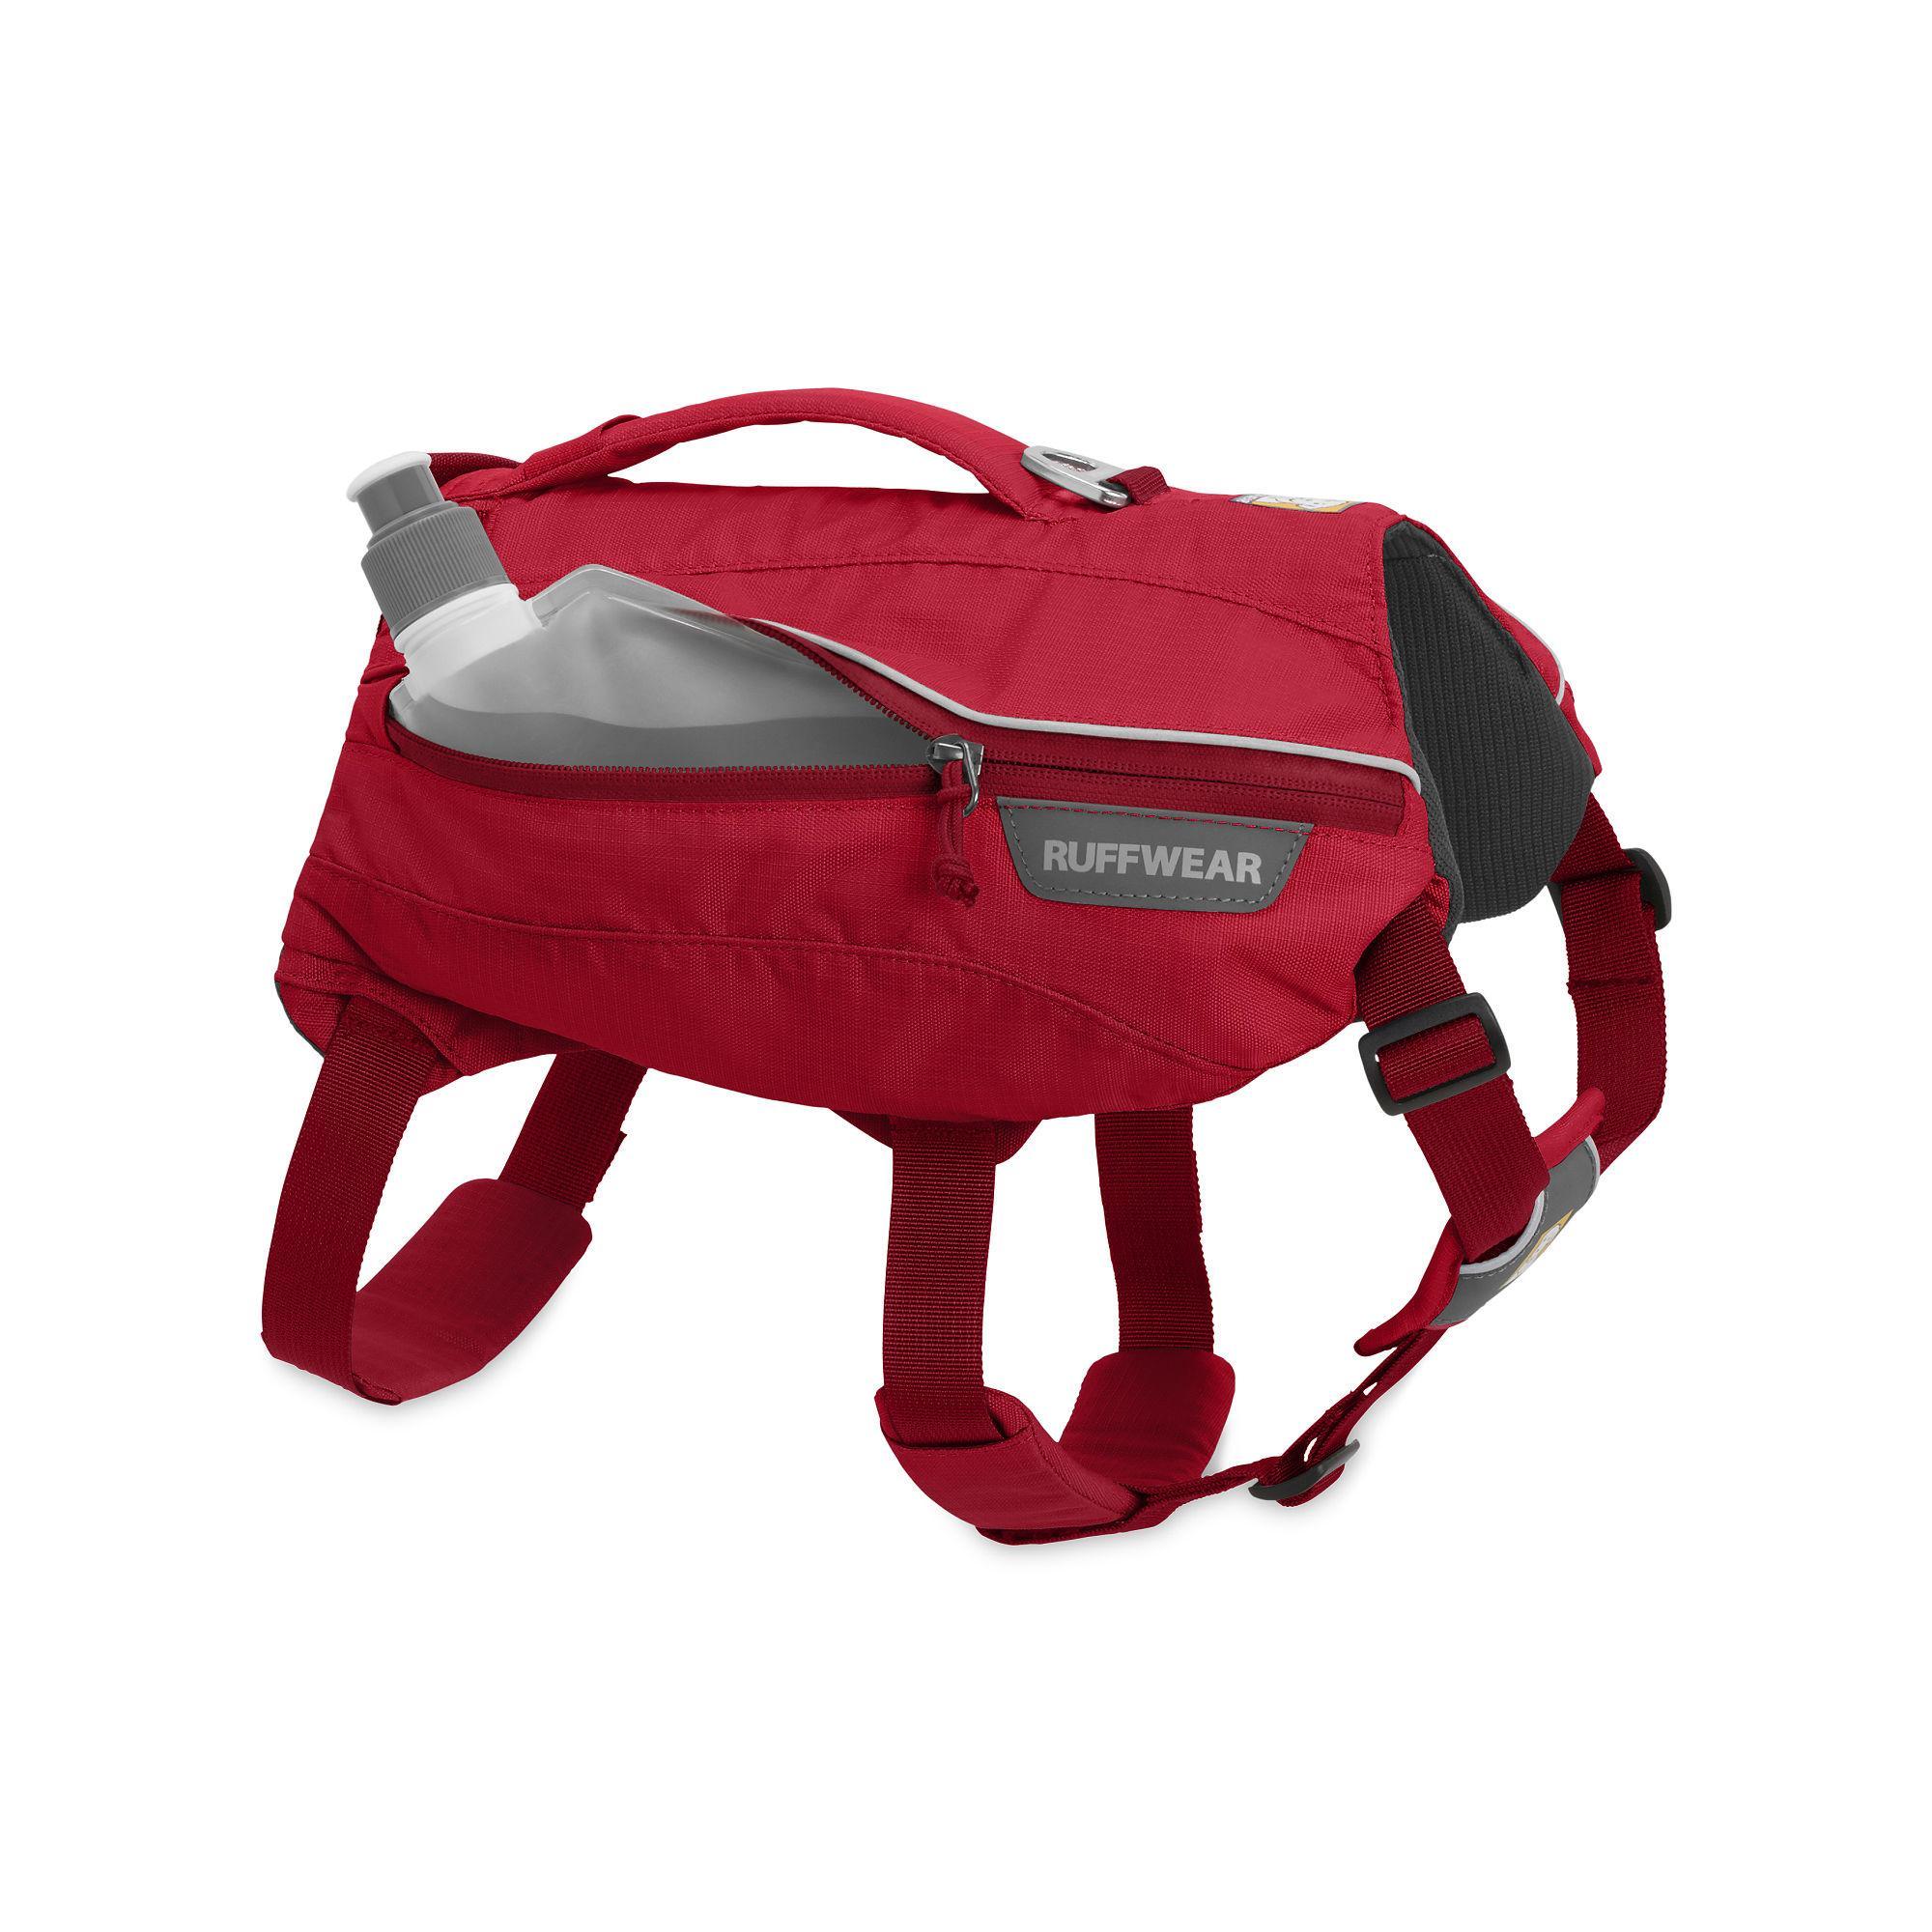 Singletrak Hydration Dog Pack by RuffWear - Red Currant